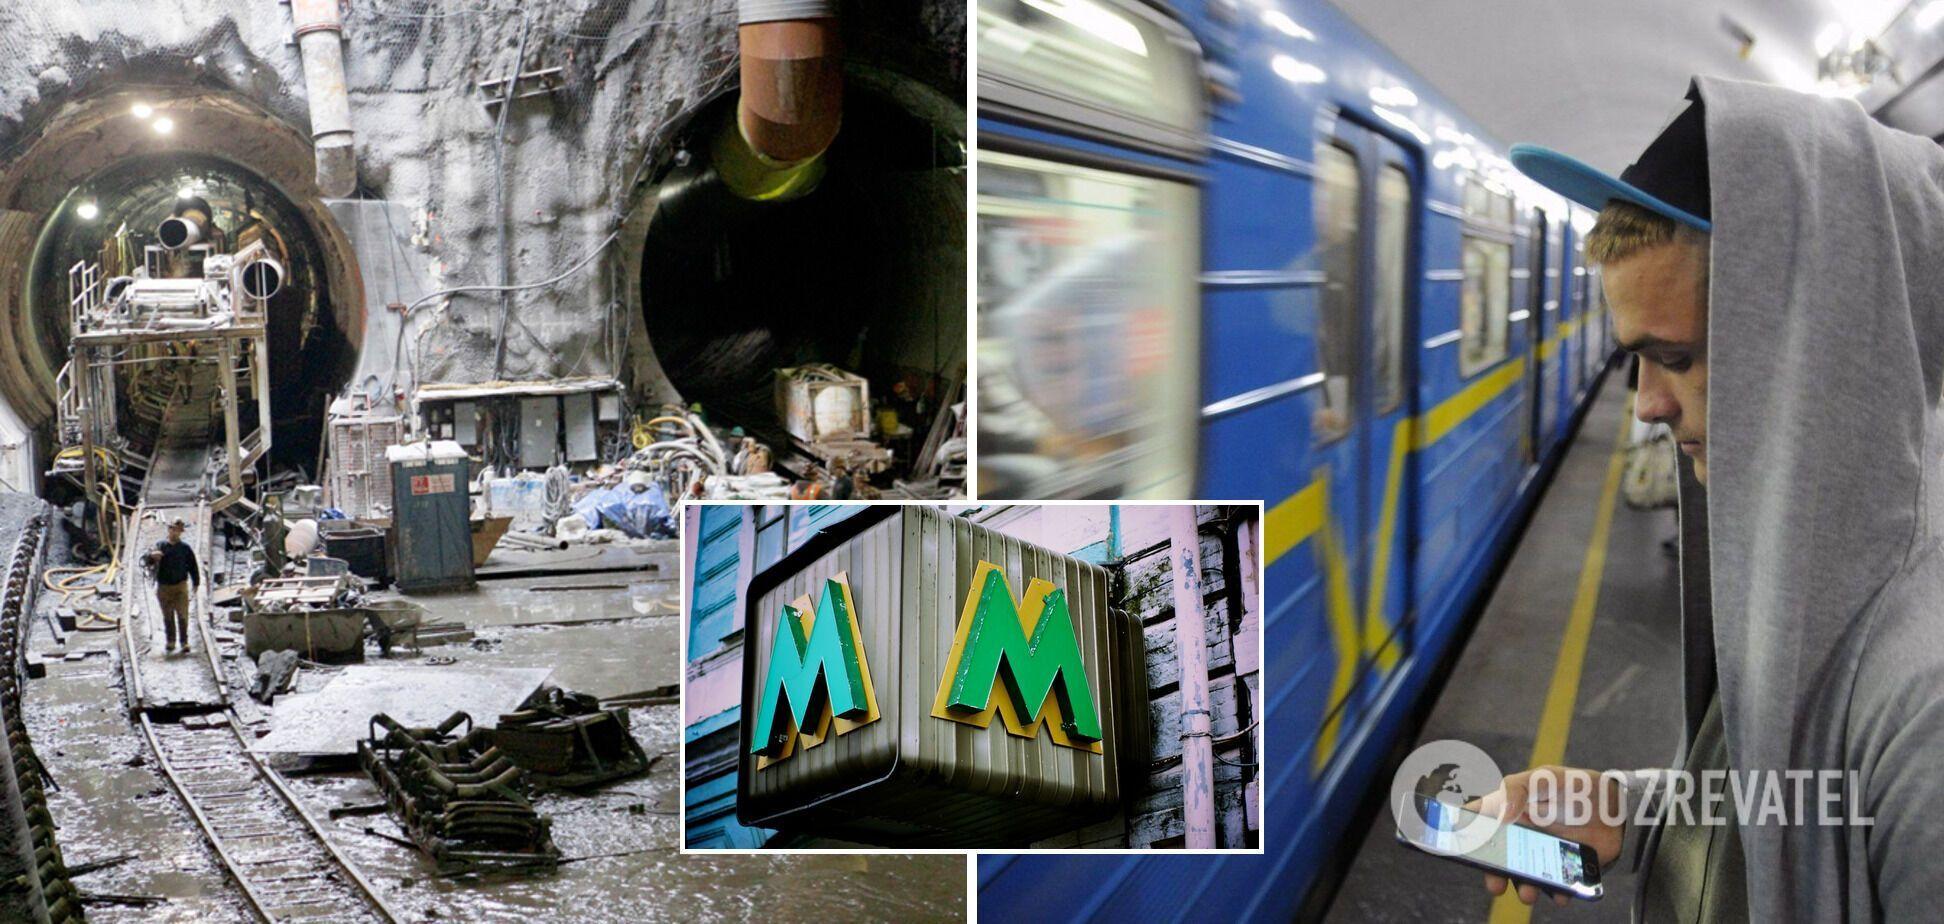 У КМДА задумалися над будівництвом метро на Троєщину: тривають переговори з інвесторами